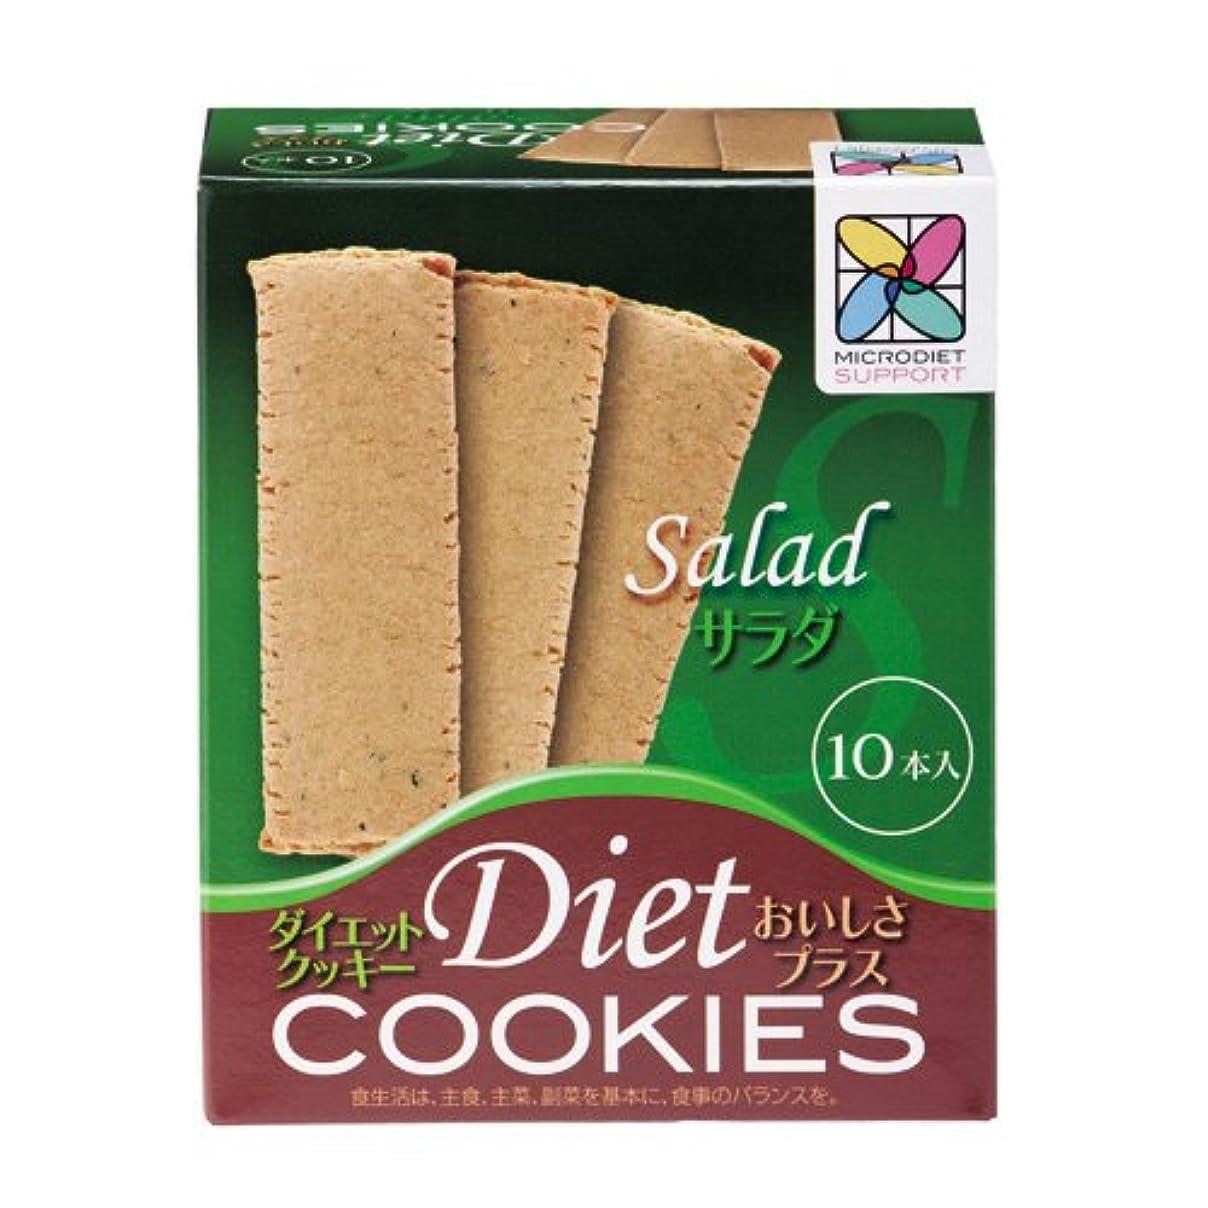 協定欠席にんじんダイエットクッキーおいしさプラス(サラダ:1箱)(03755)